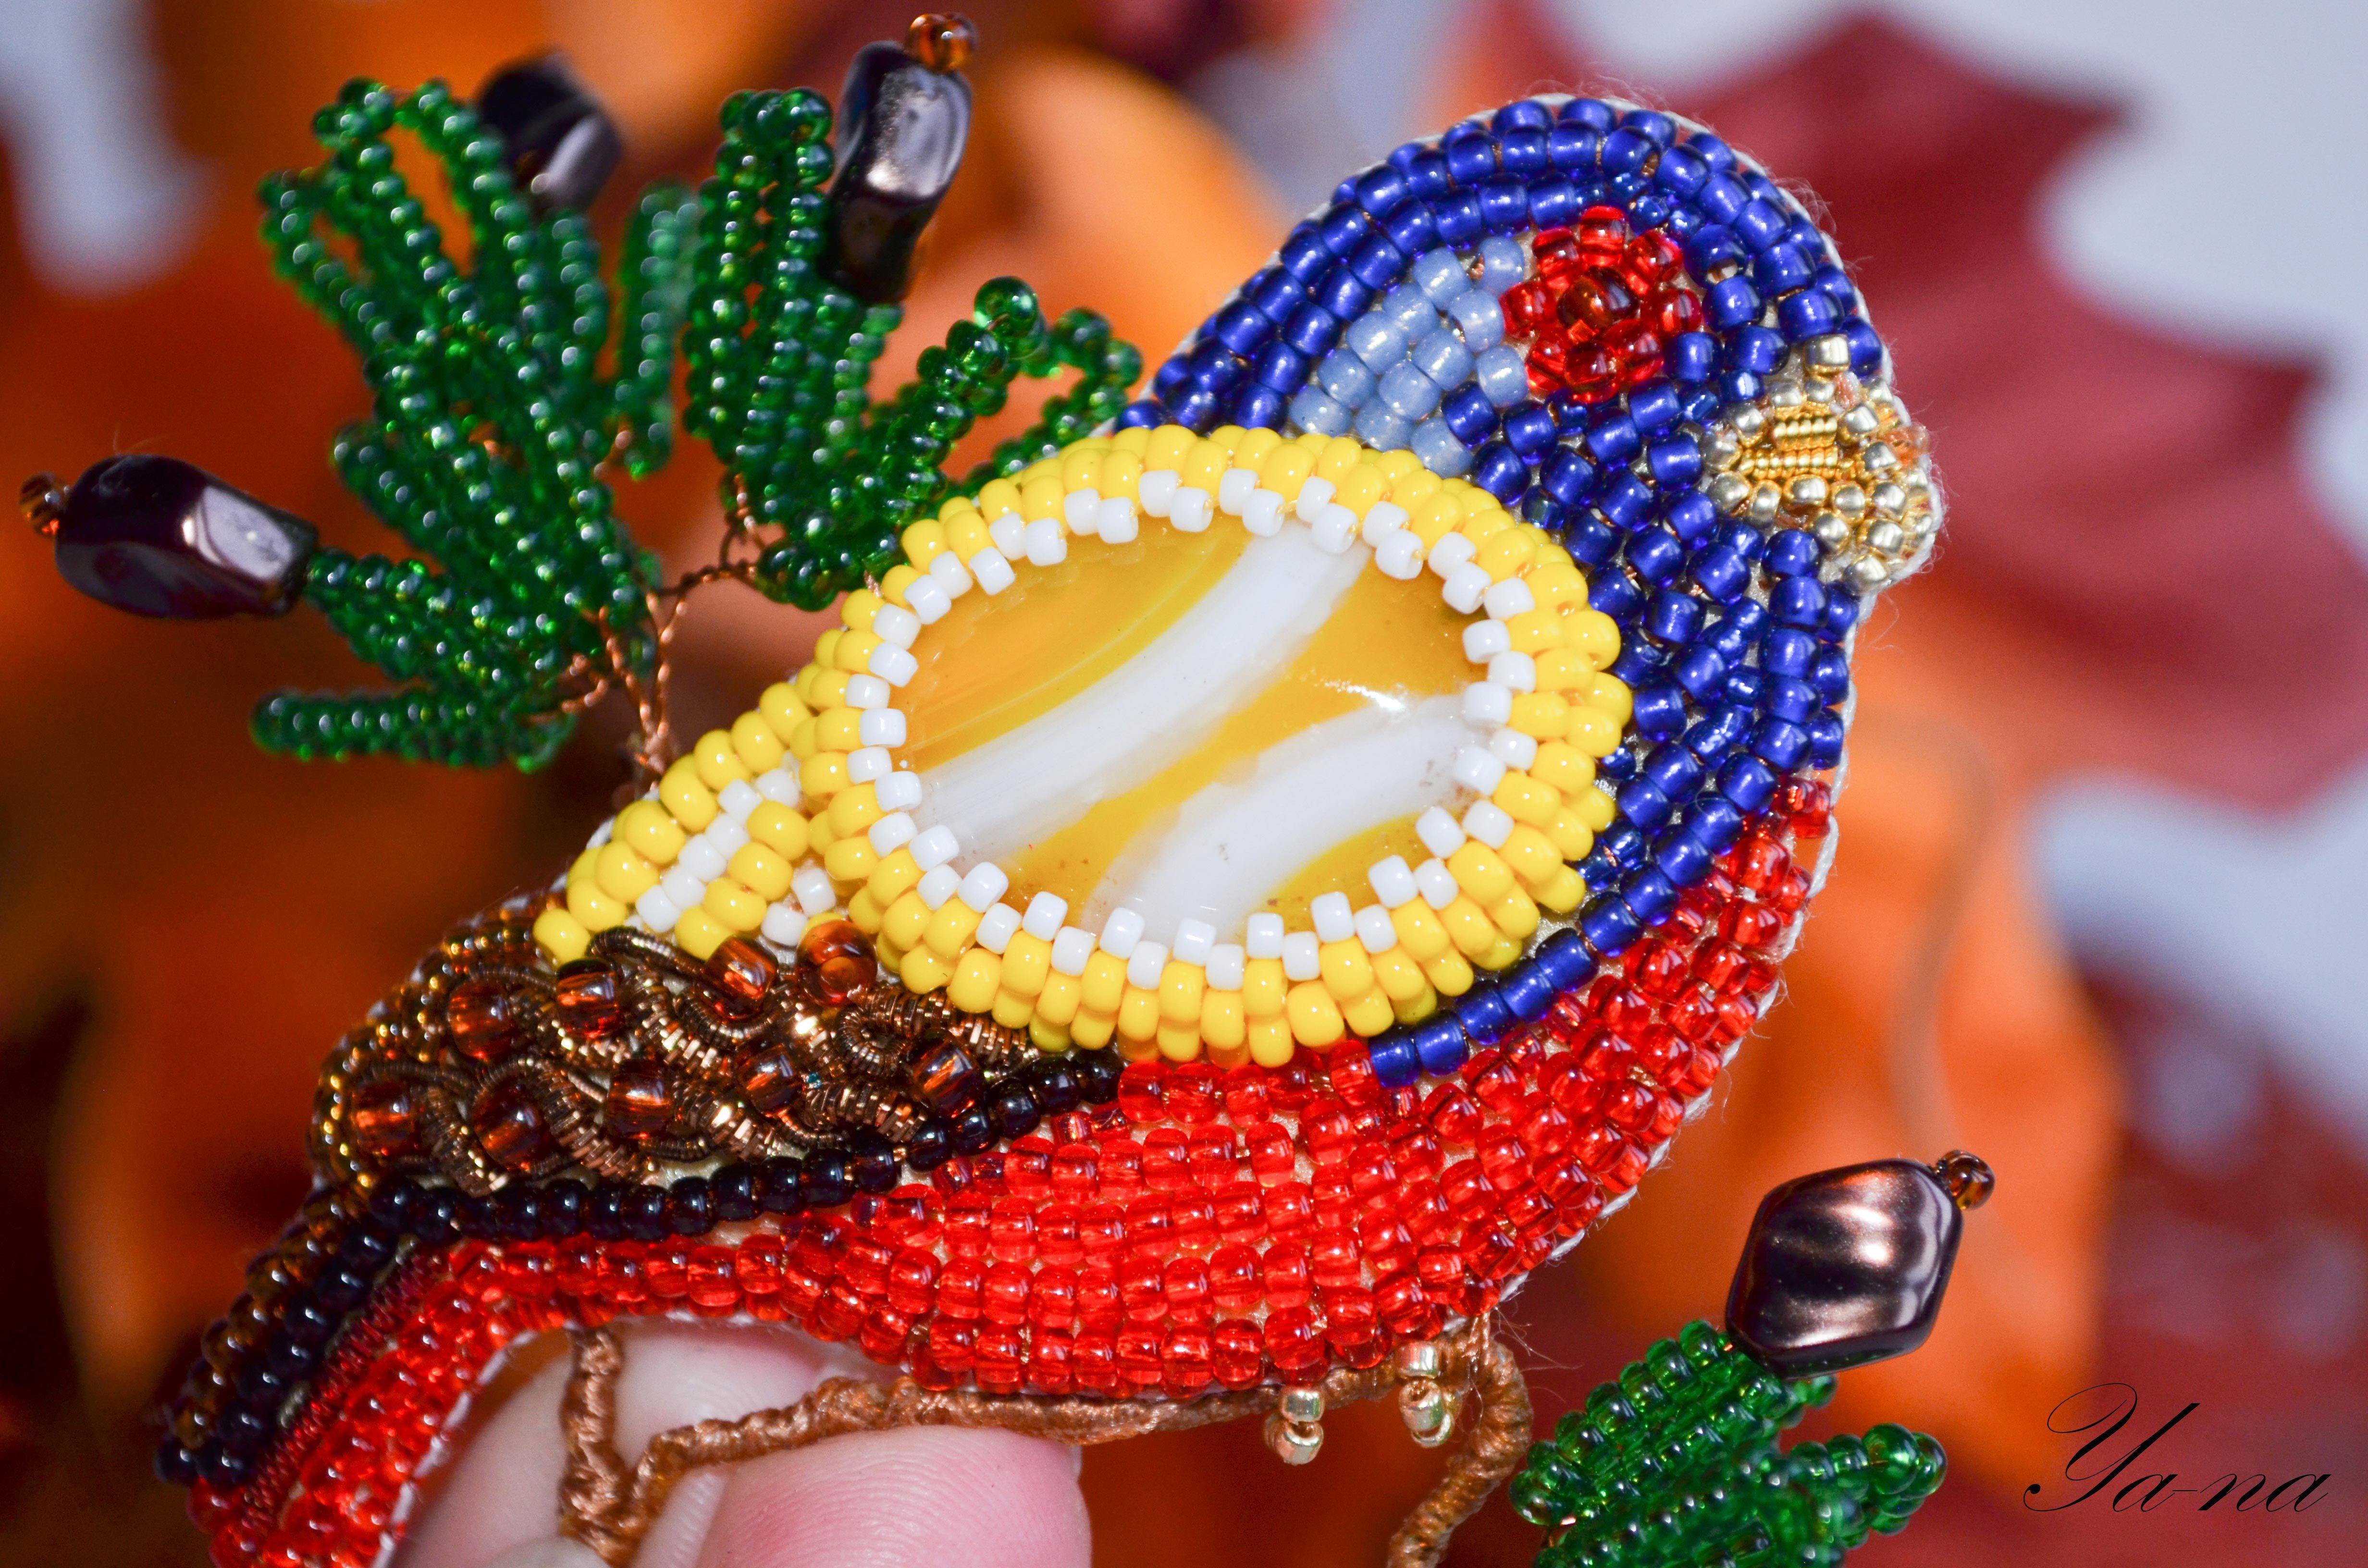 новосибирск брошьсиняя брошьизбисера брошьсцветами птицасцветами брошьжелтая птицаоливковая птицажелтая птицавподарок купитьптицу купитьптичку птичкаизбисера птицанаветке бисернаяптица птицаизбисера брошьптица длядевушки брошь украшение длялюбимой брошьвподарок брошькрасная